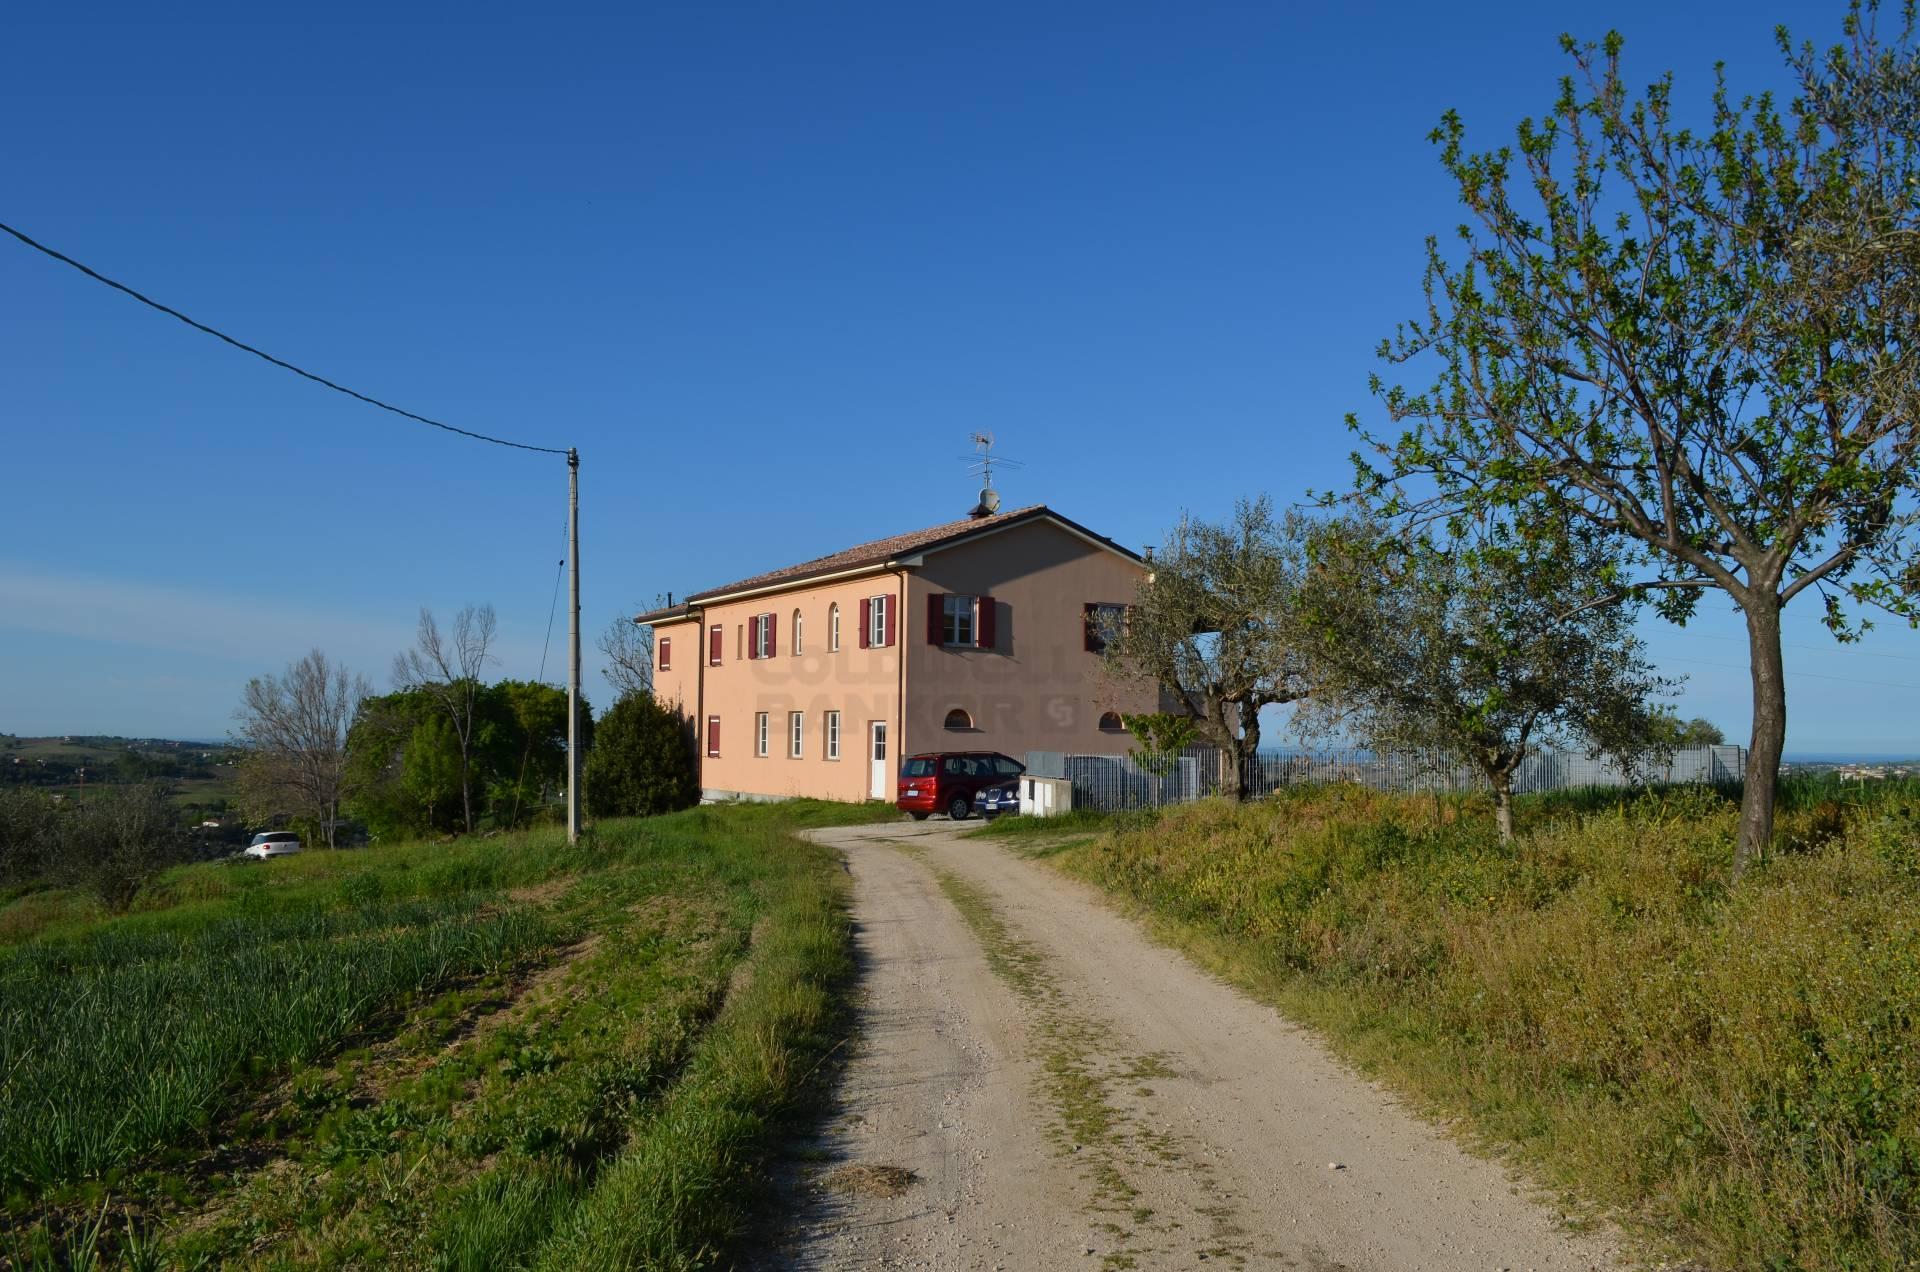 Villa in Vendita a Monte Colombo: 5 locali, 270 mq